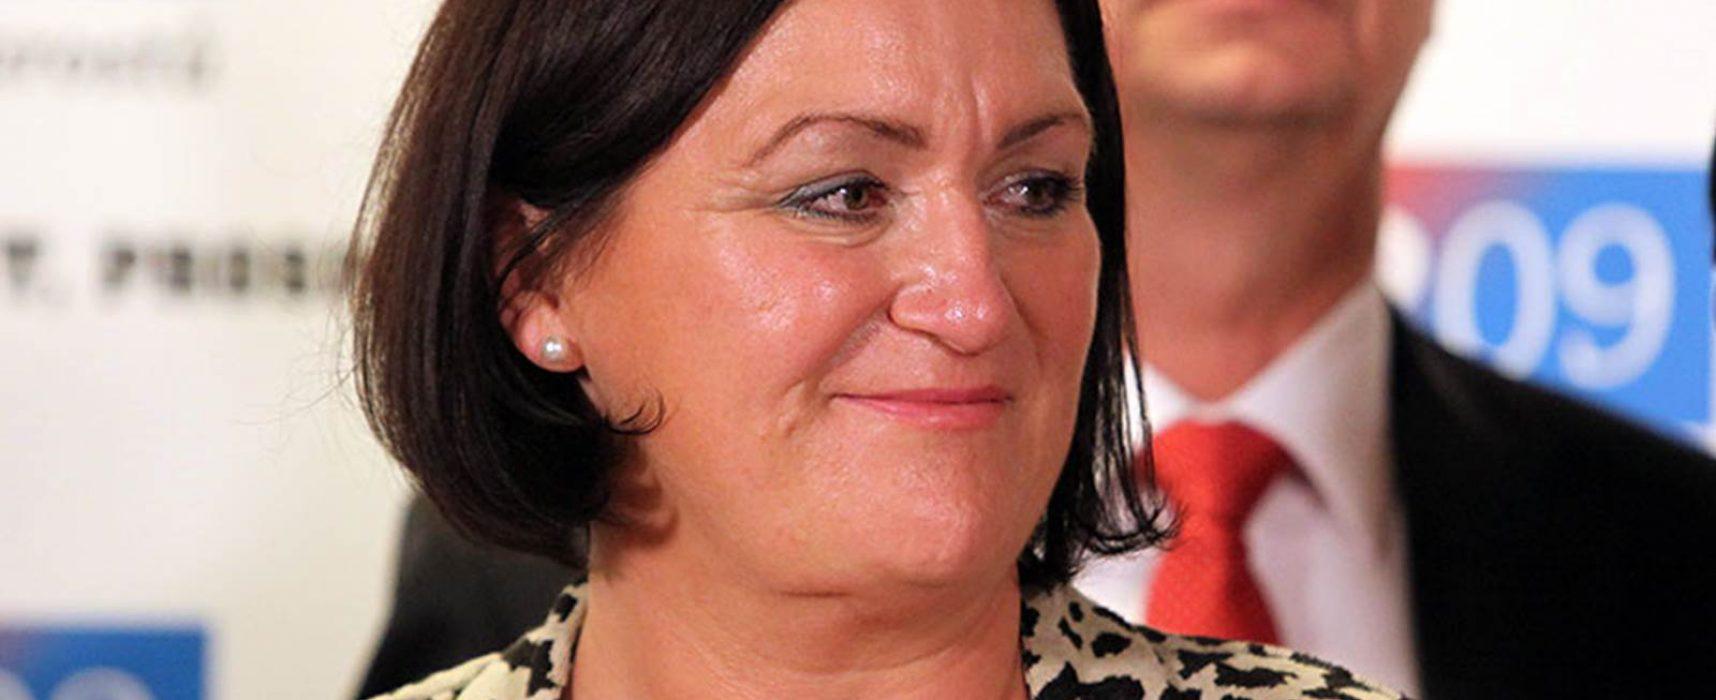 Helena Langšádlová: Rusko vede hybridní válku a podporuje extremisty